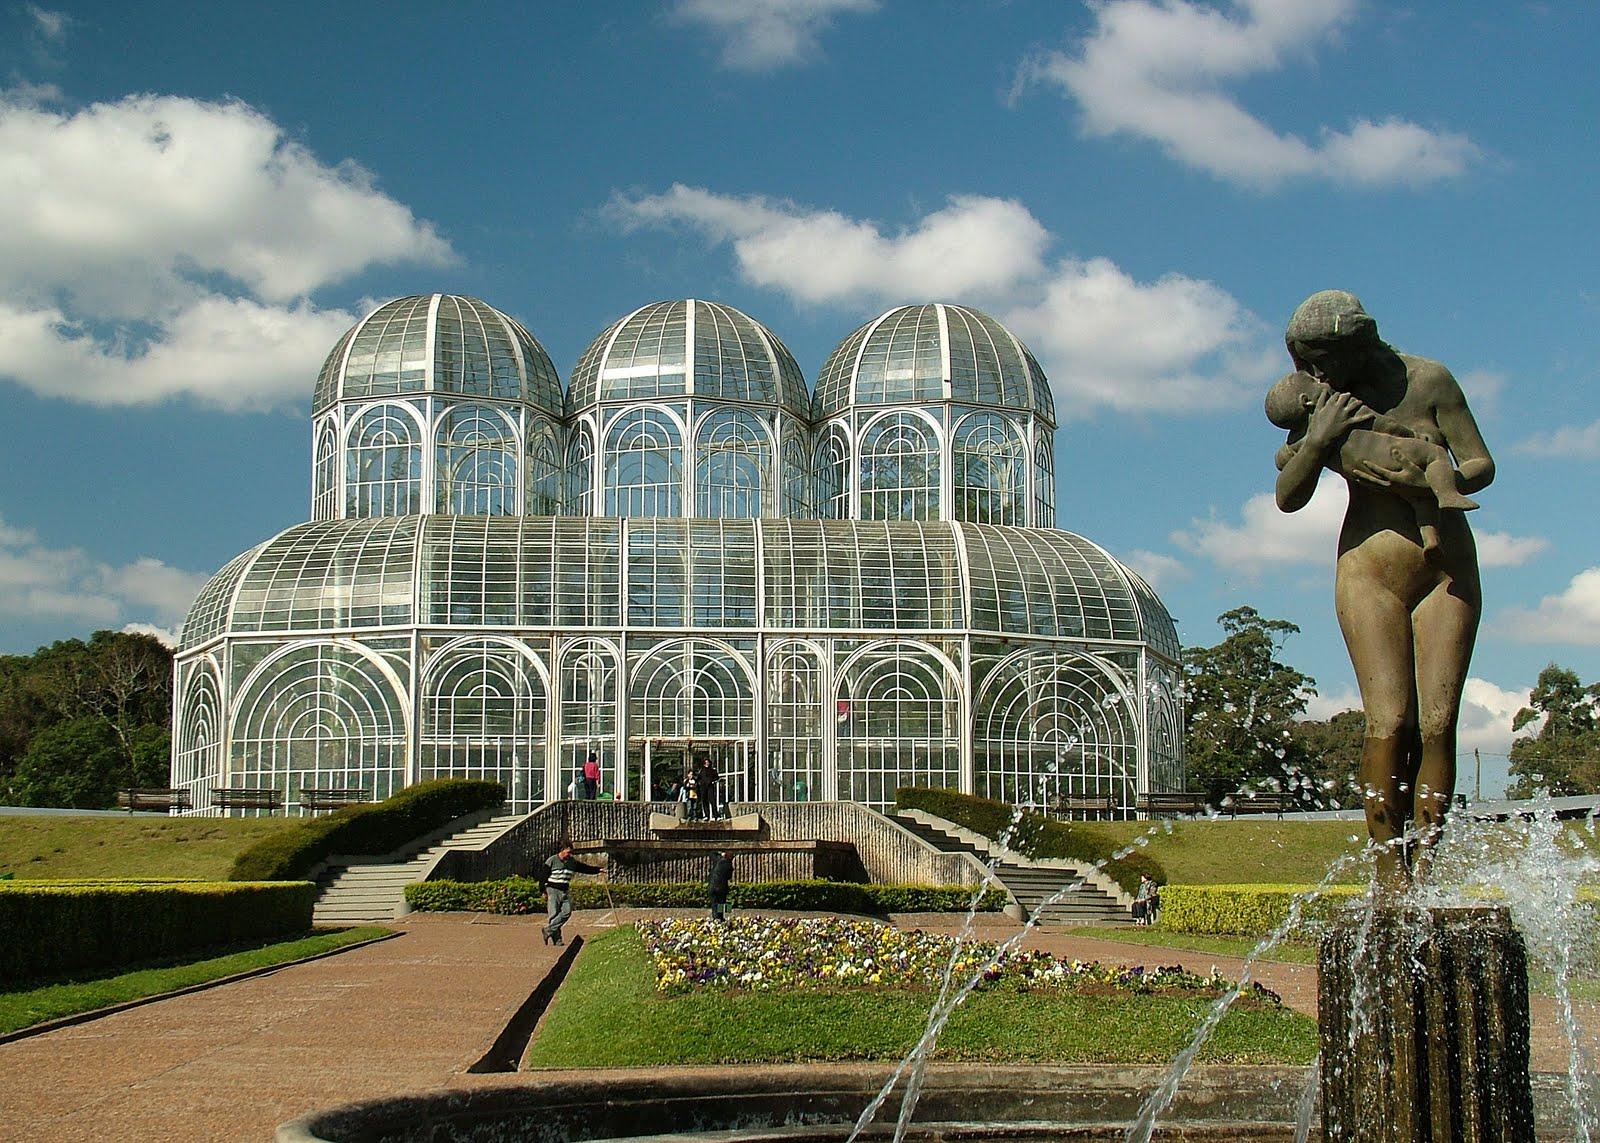 imagens jardim botanico curitiba:Blog da Thayssa: Jardim Botânico Curitiba